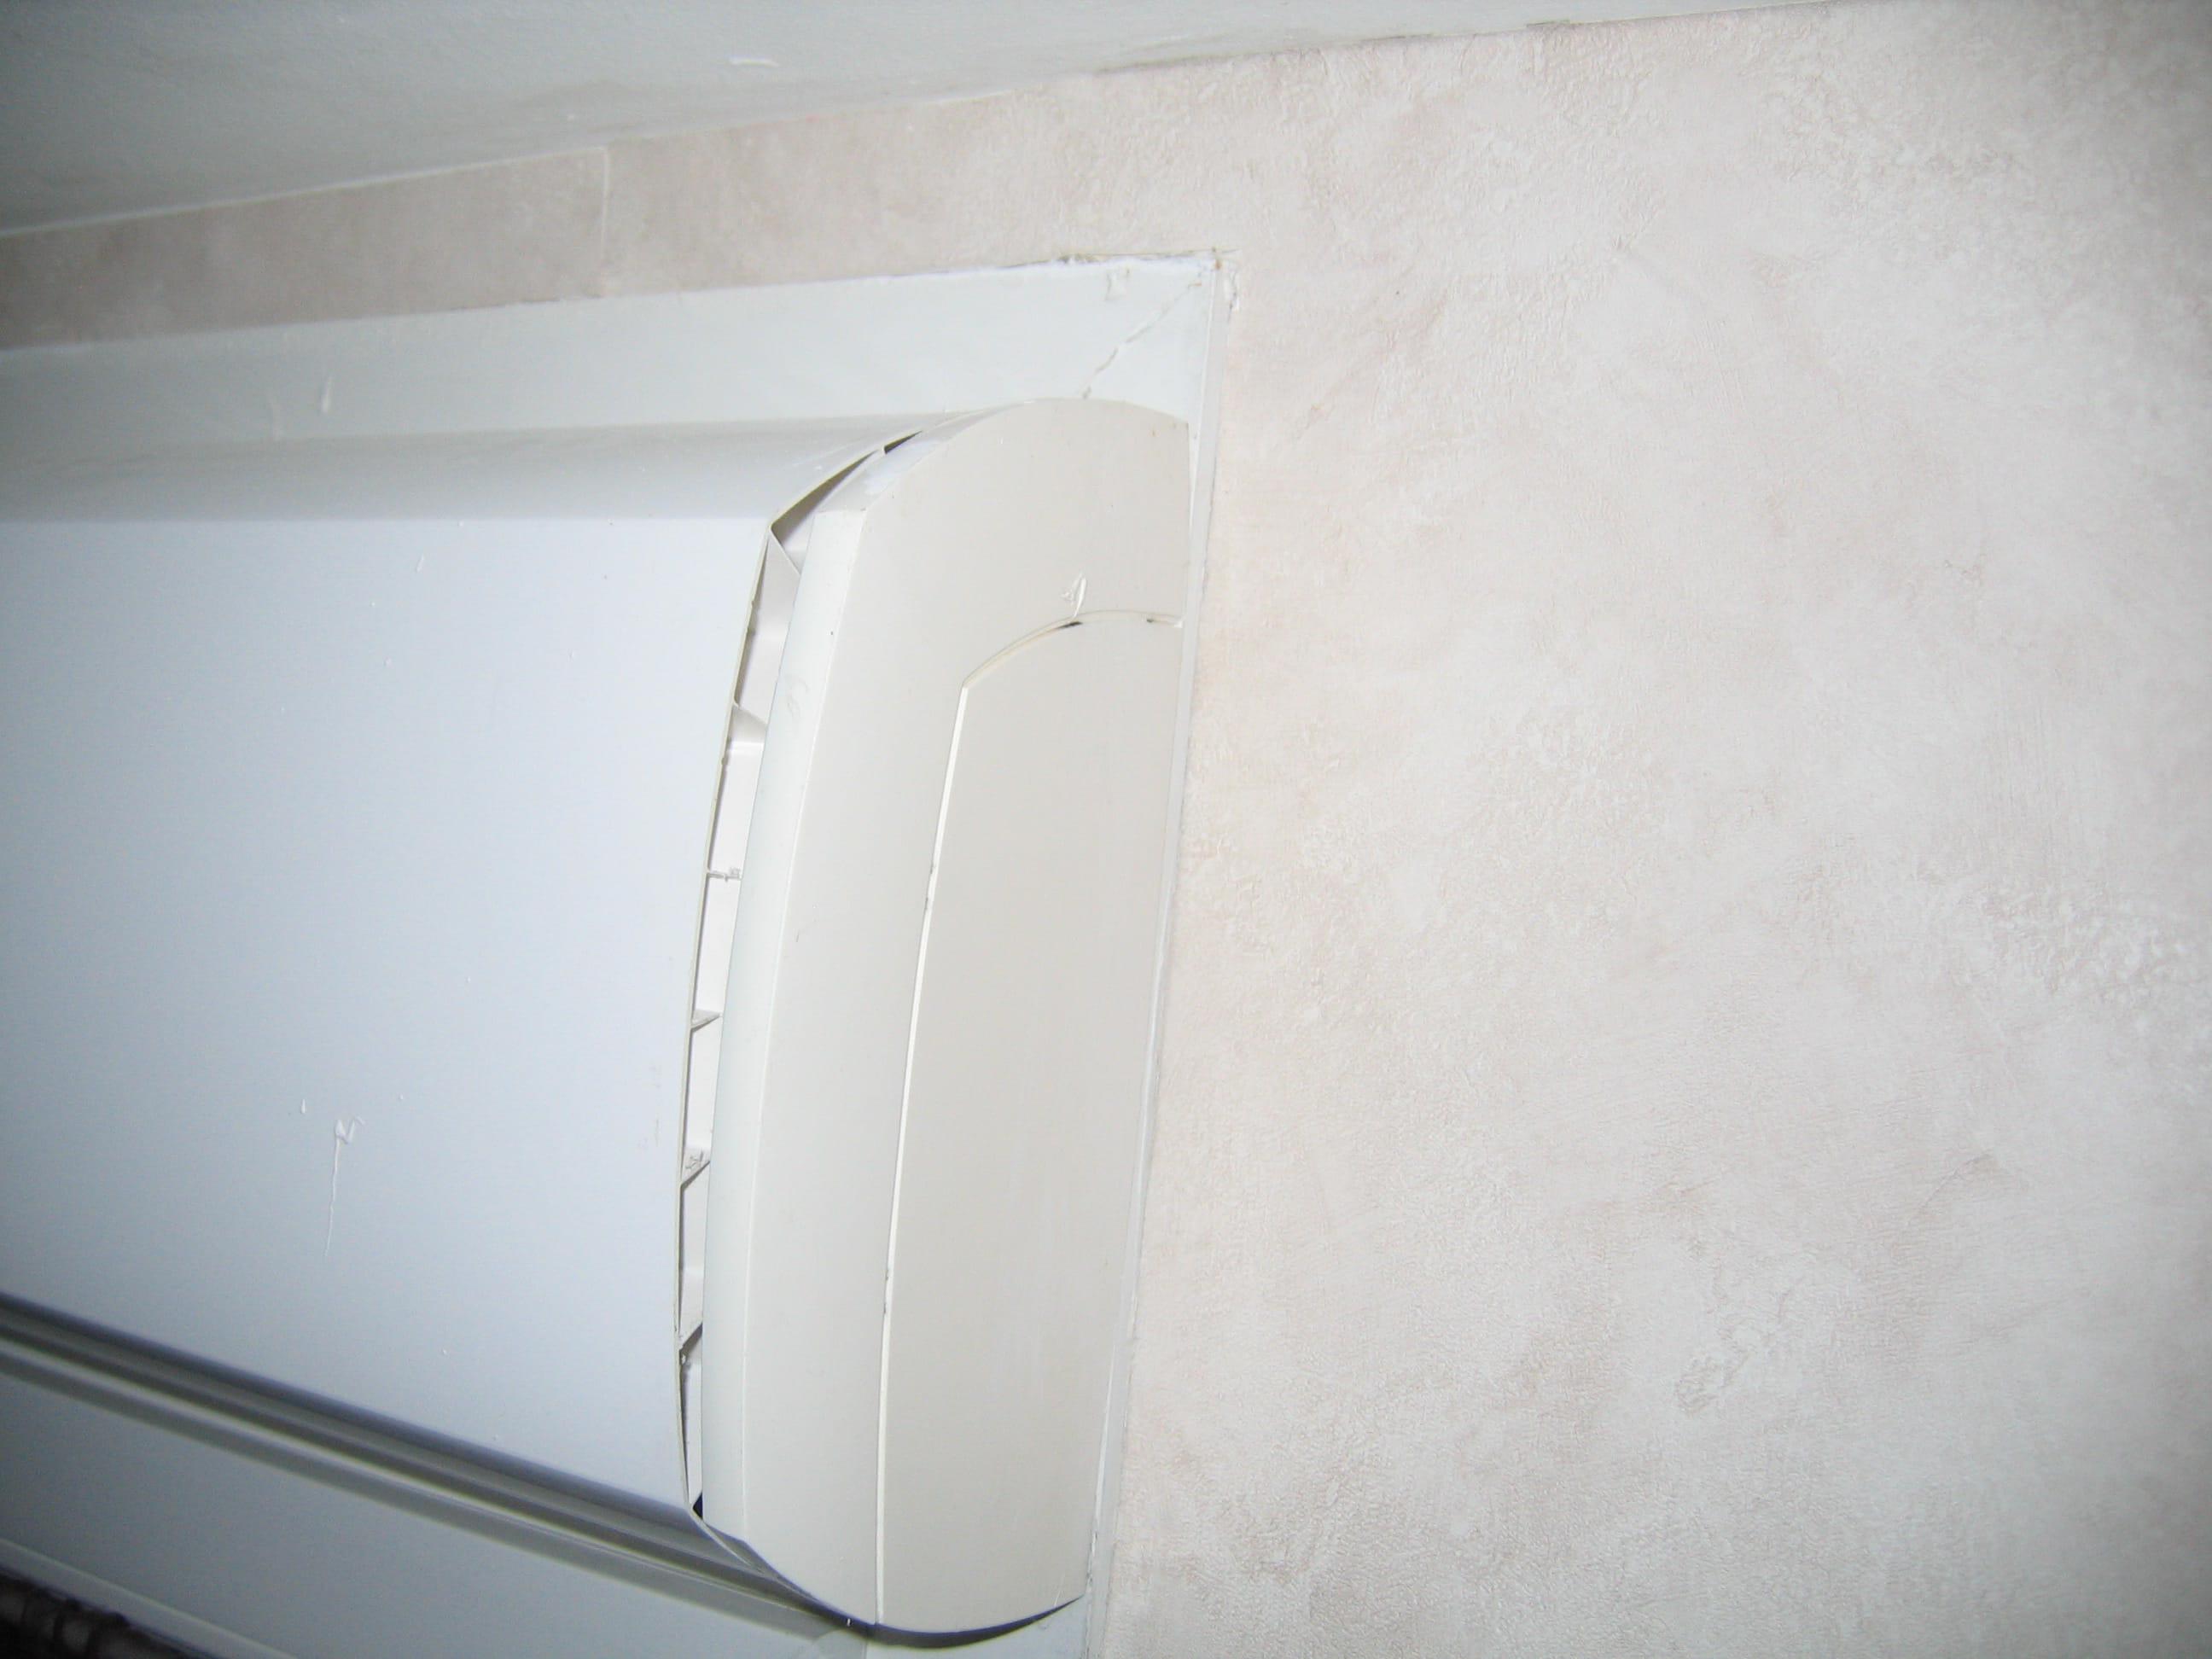 demontage coffre volet roulant somfy r solu. Black Bedroom Furniture Sets. Home Design Ideas